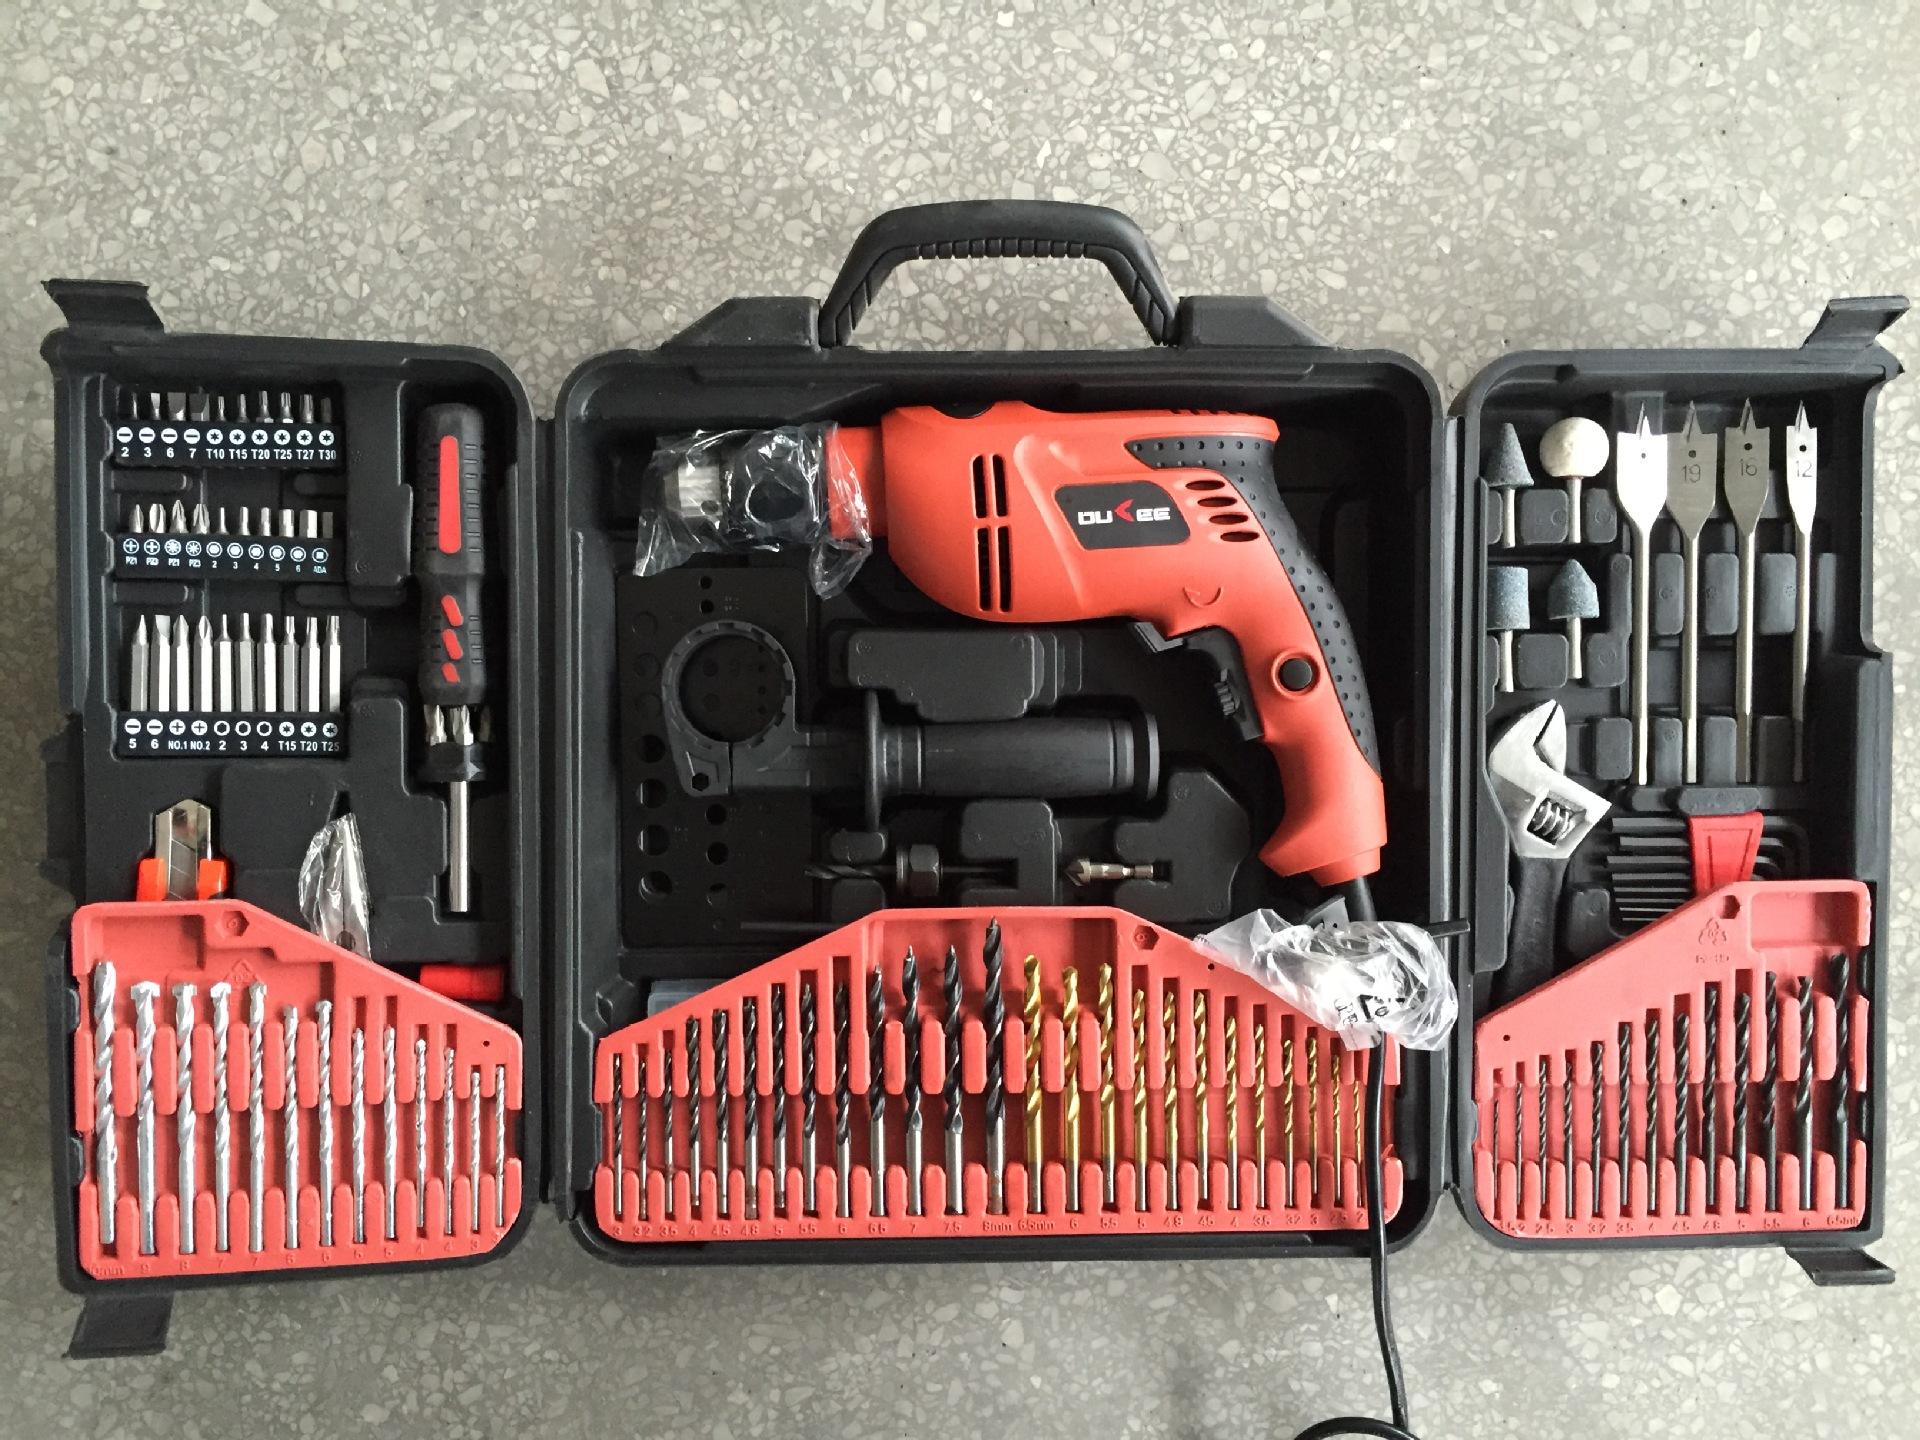 五金工具组套供应 132件组合工具 电动工具组合(图)